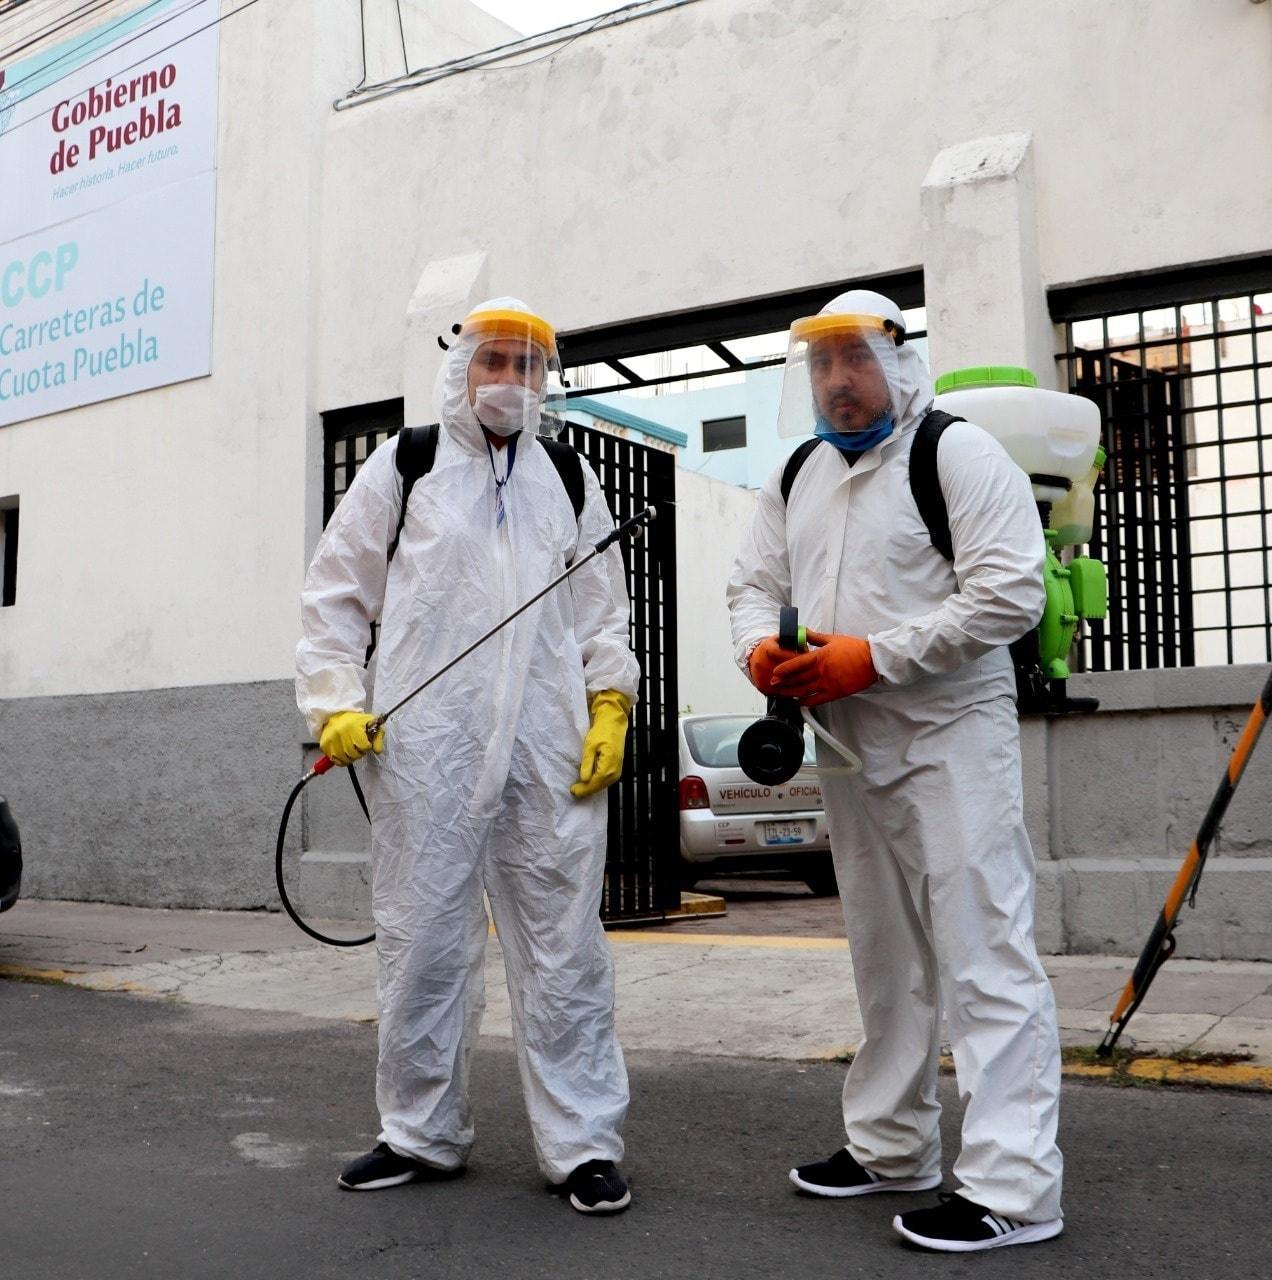 SE SANITIZAN INSTALACIONES DE CARRETERAS DE CUOTA PUEBLA